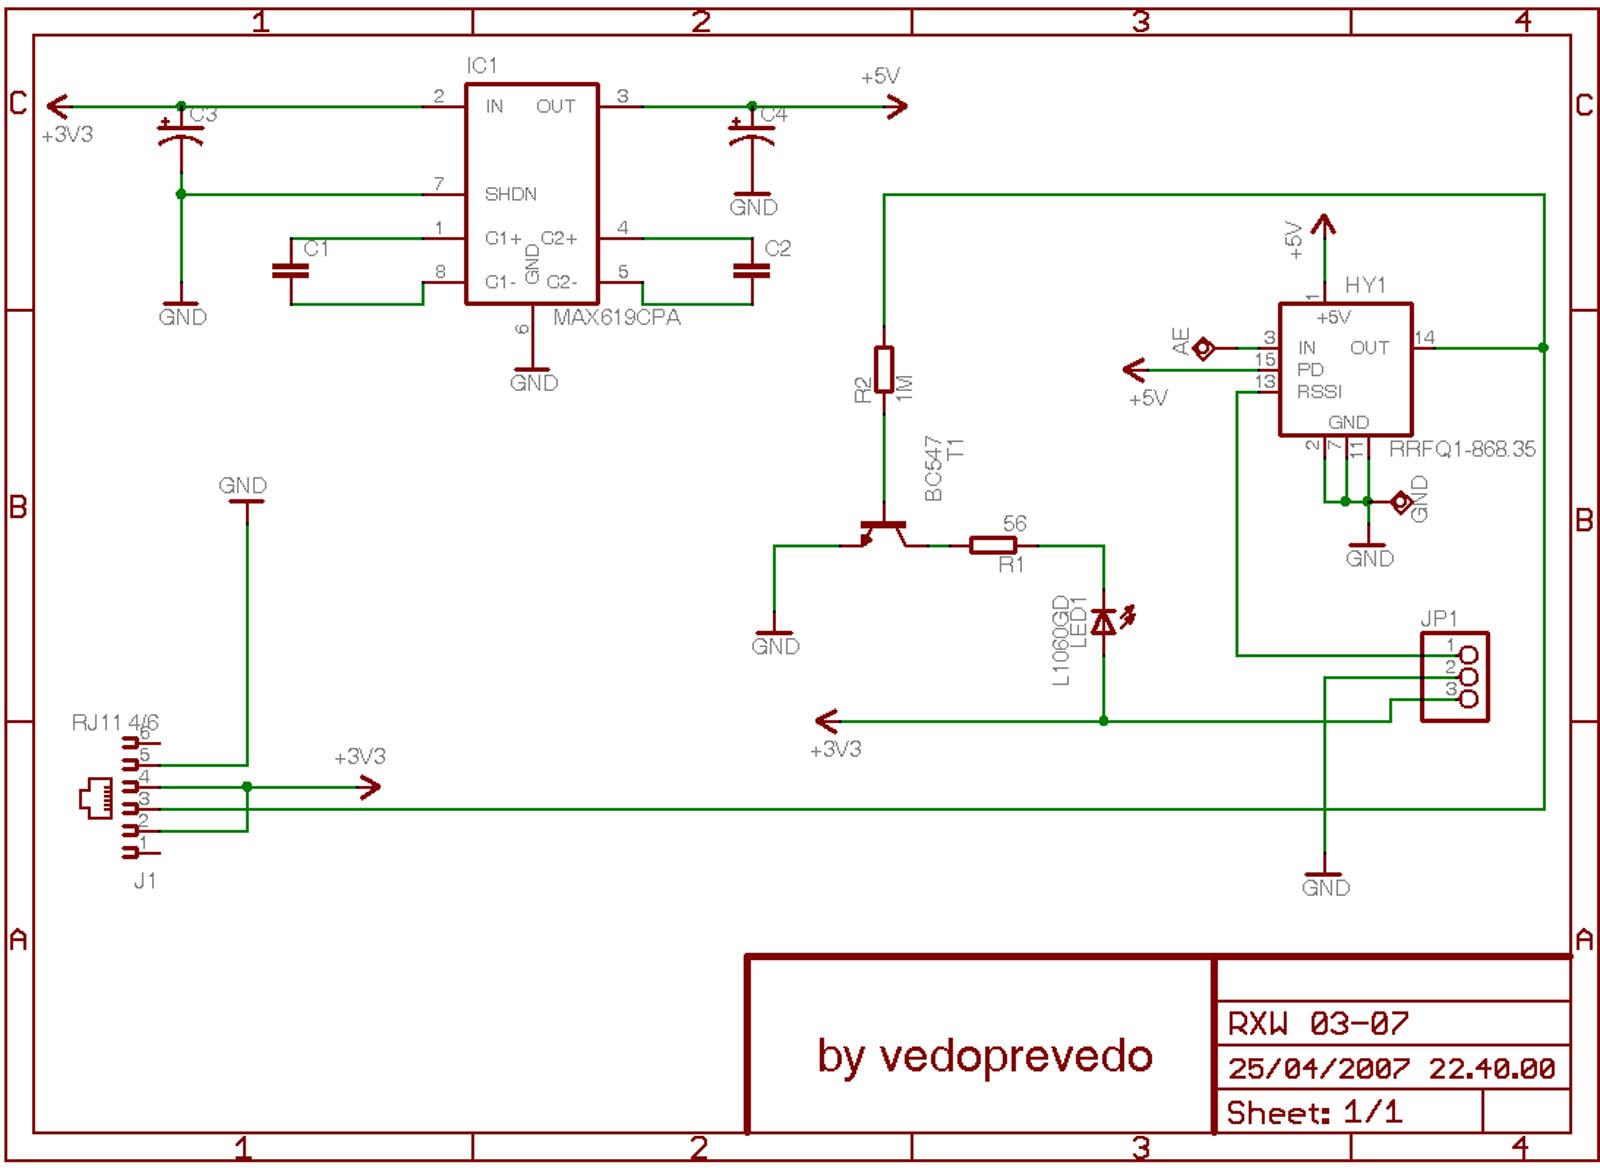 Modifiche per invio dati ogni 8 sec. wireless nelle LaCrosse cablabili-rxw-03-07-sch.jpg